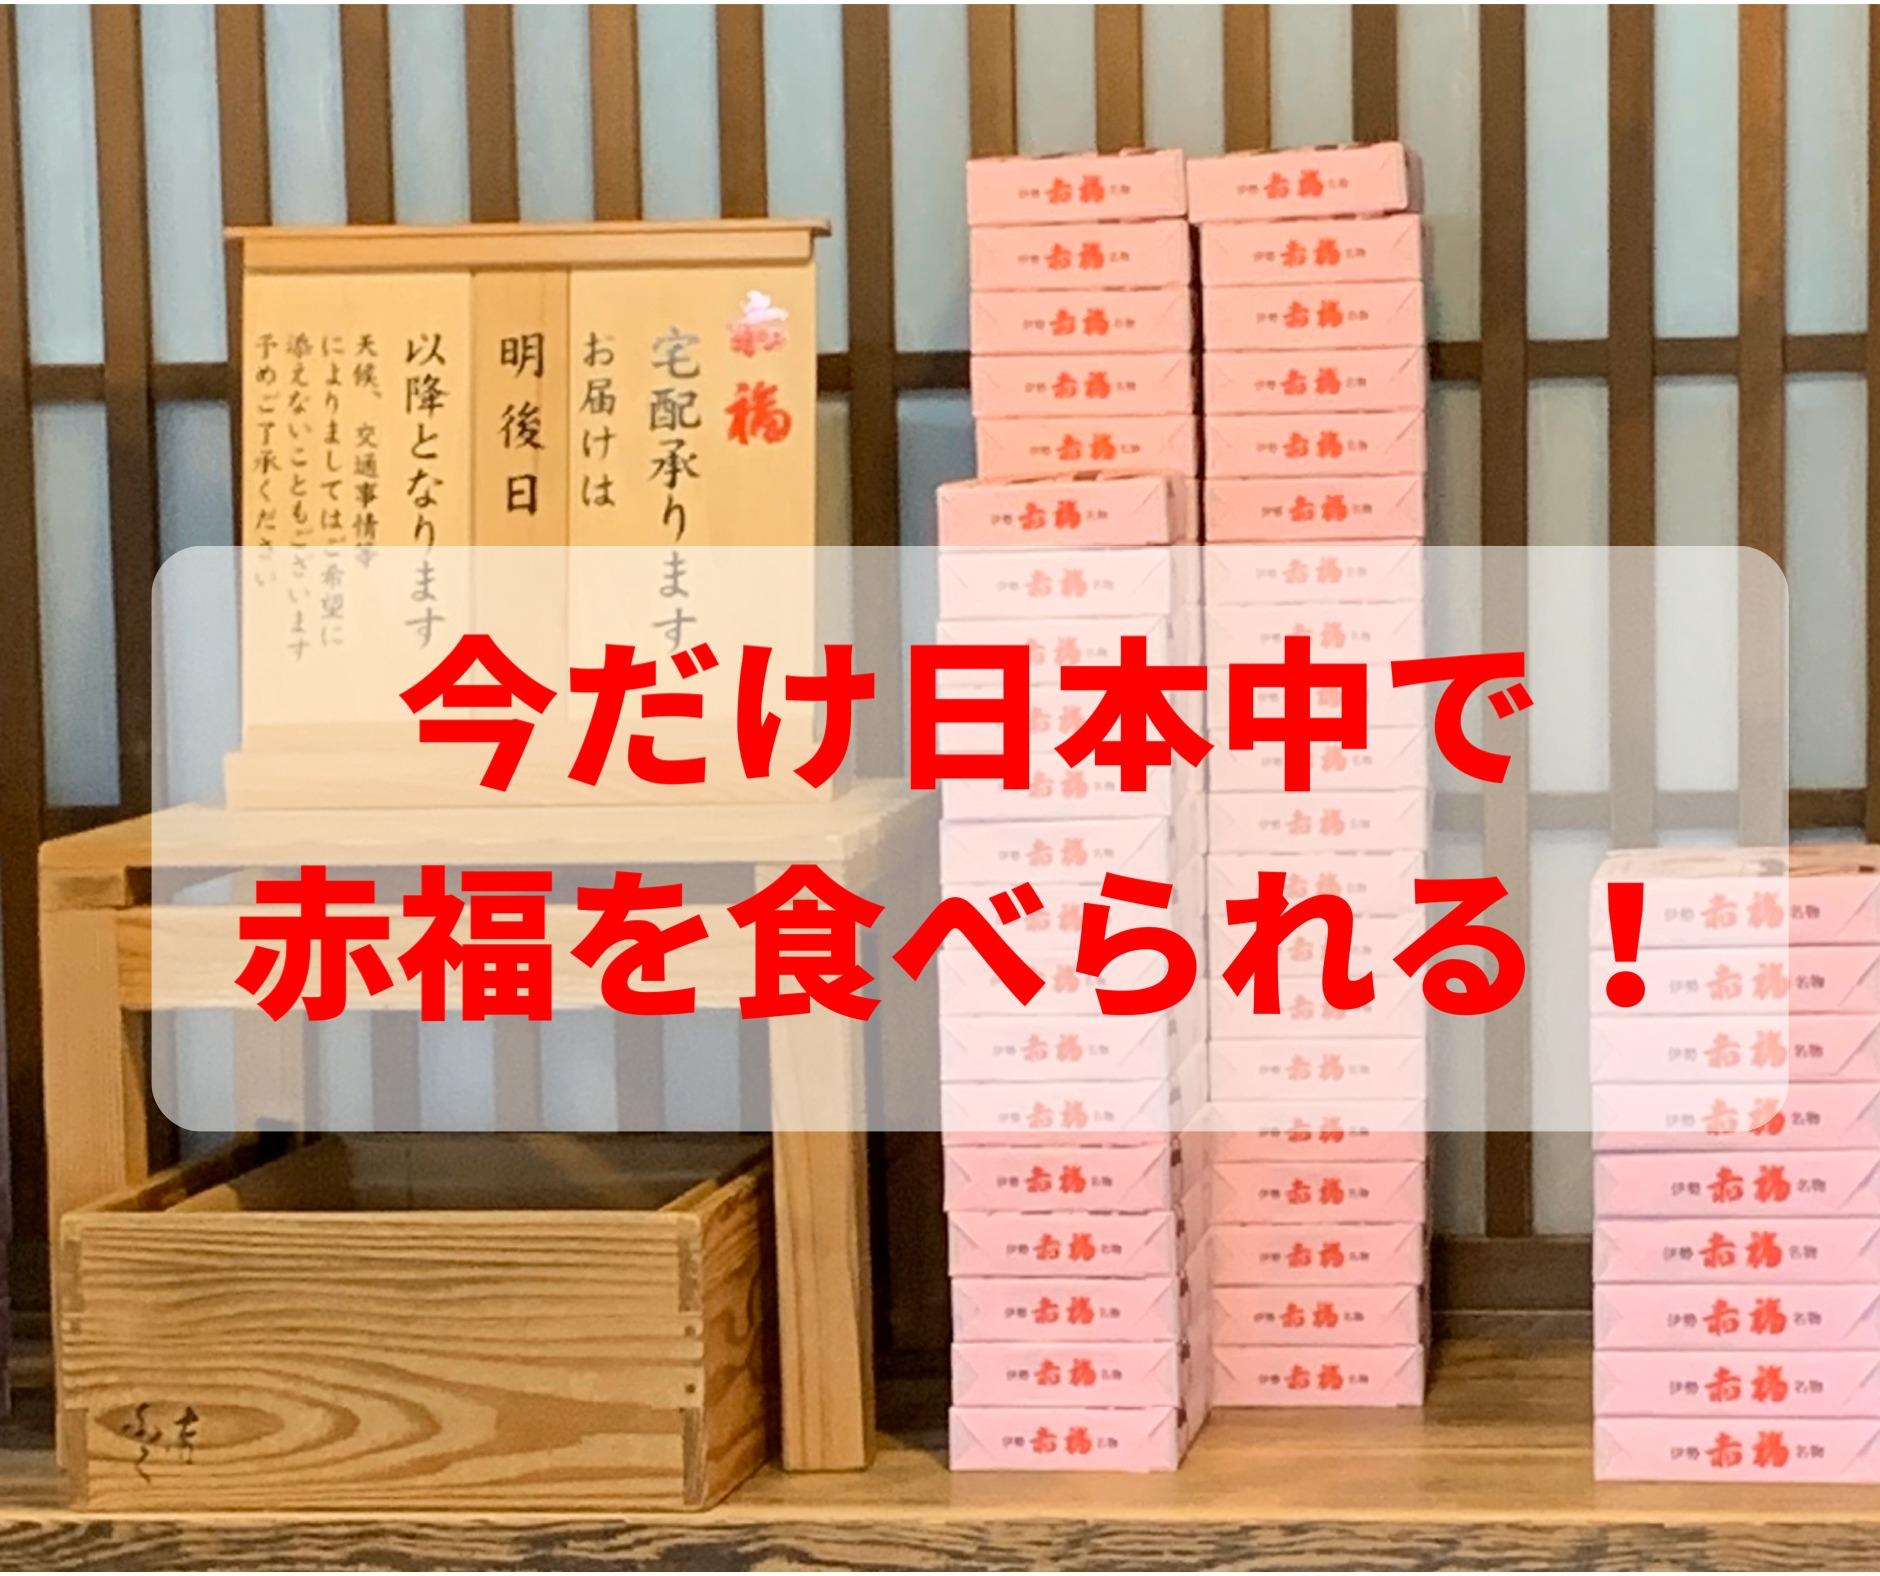 日本中で赤福餅が買える!ただし期間限定なので欲しい人はお早めに!!